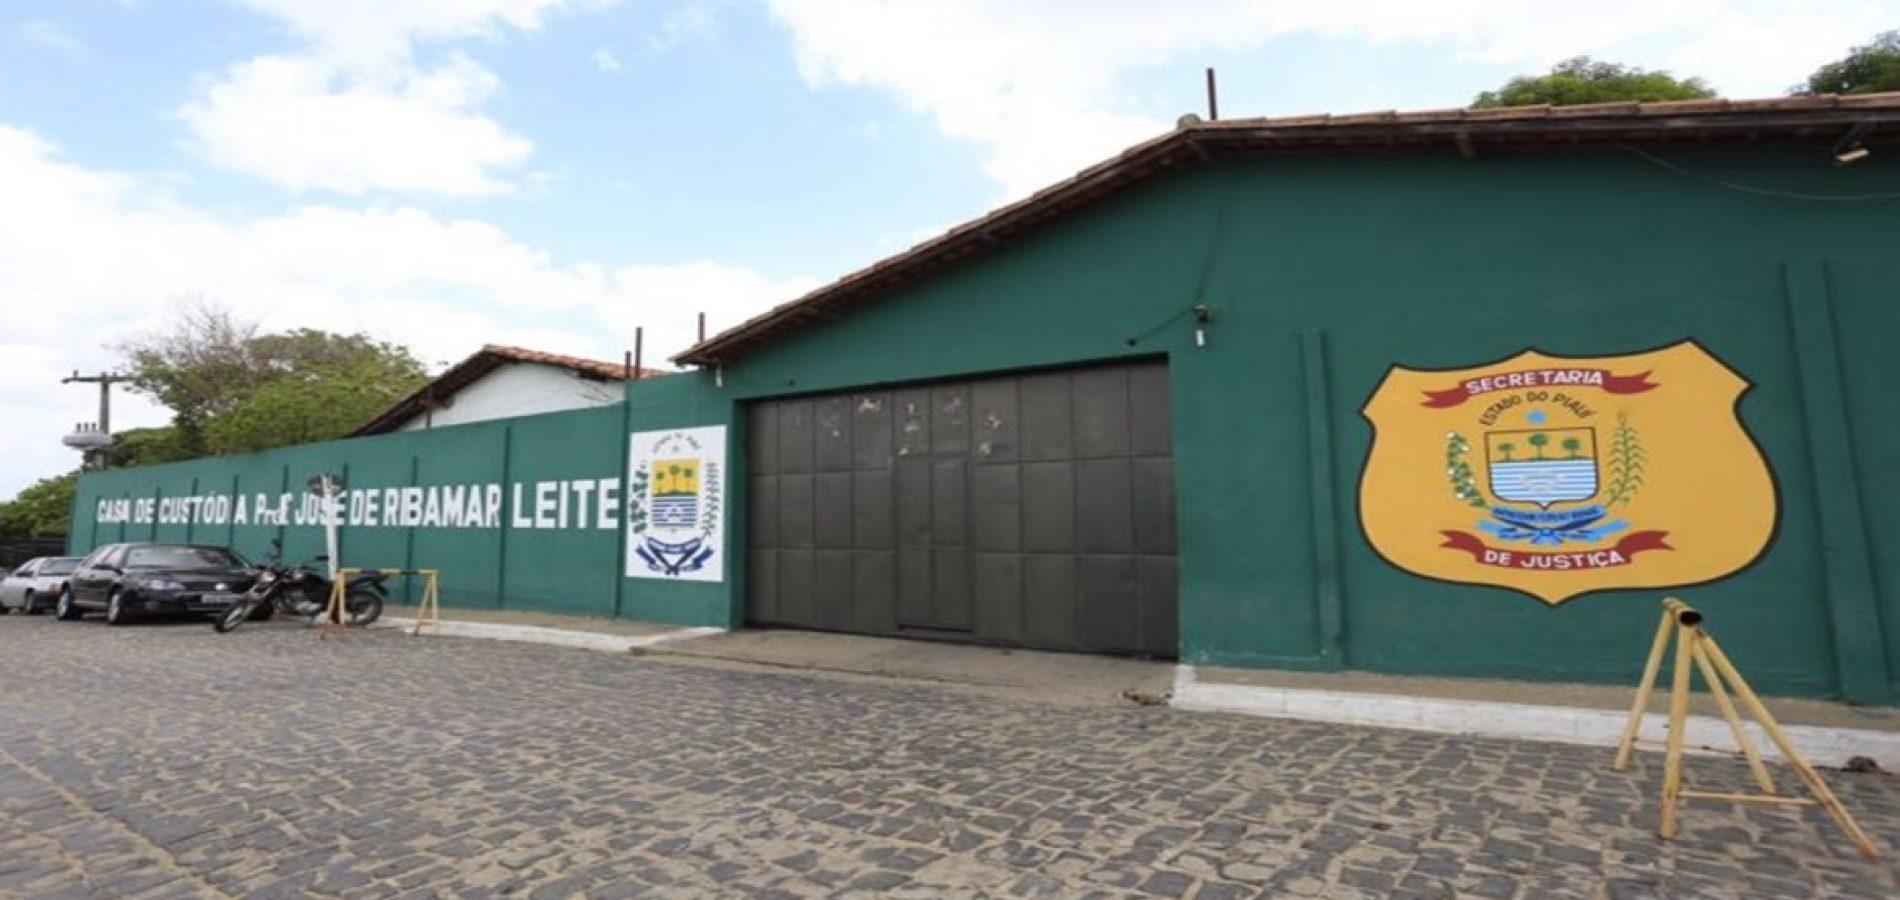 Mais de 700 presos vão retornar e Sejus teme aumento de Covid-19 nos presídios